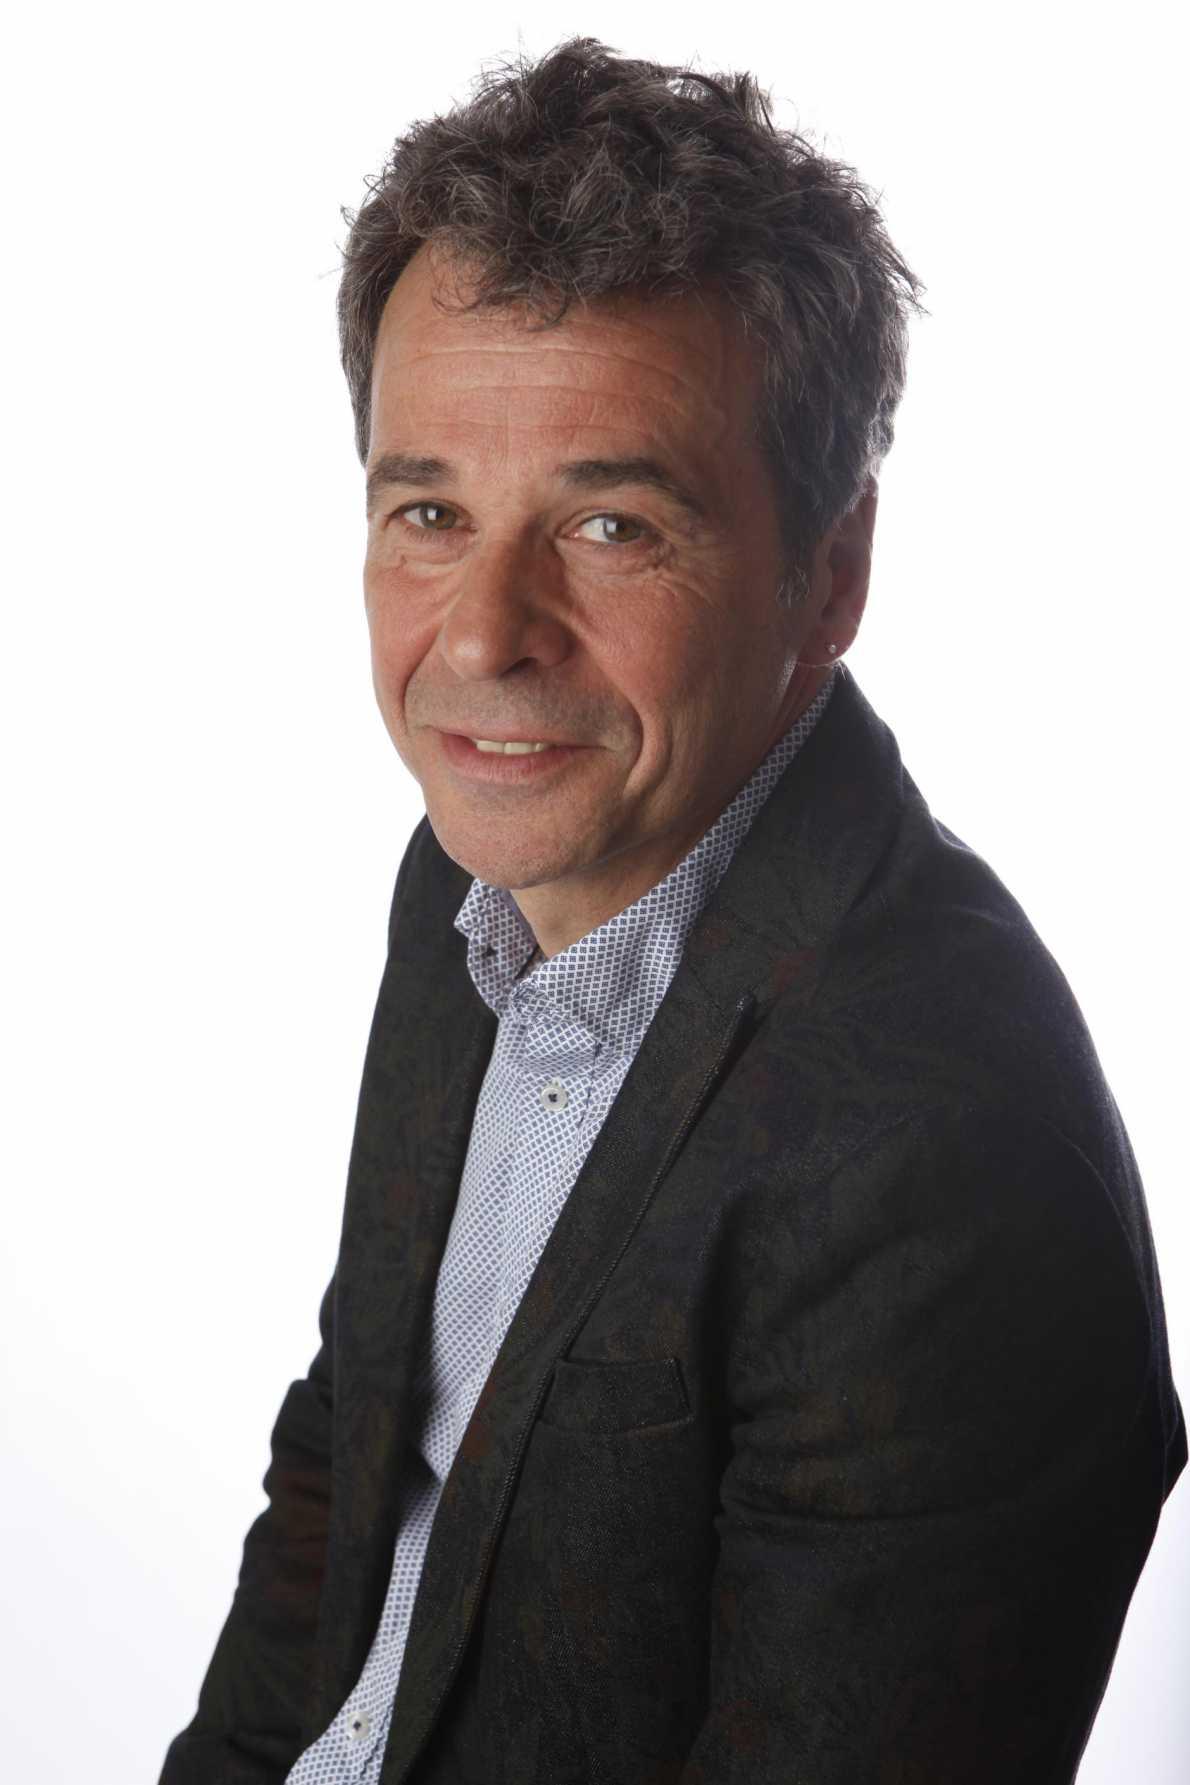 Portrait : Jean-Manuel Decams, R&D manager (©annealsys.com 2016)